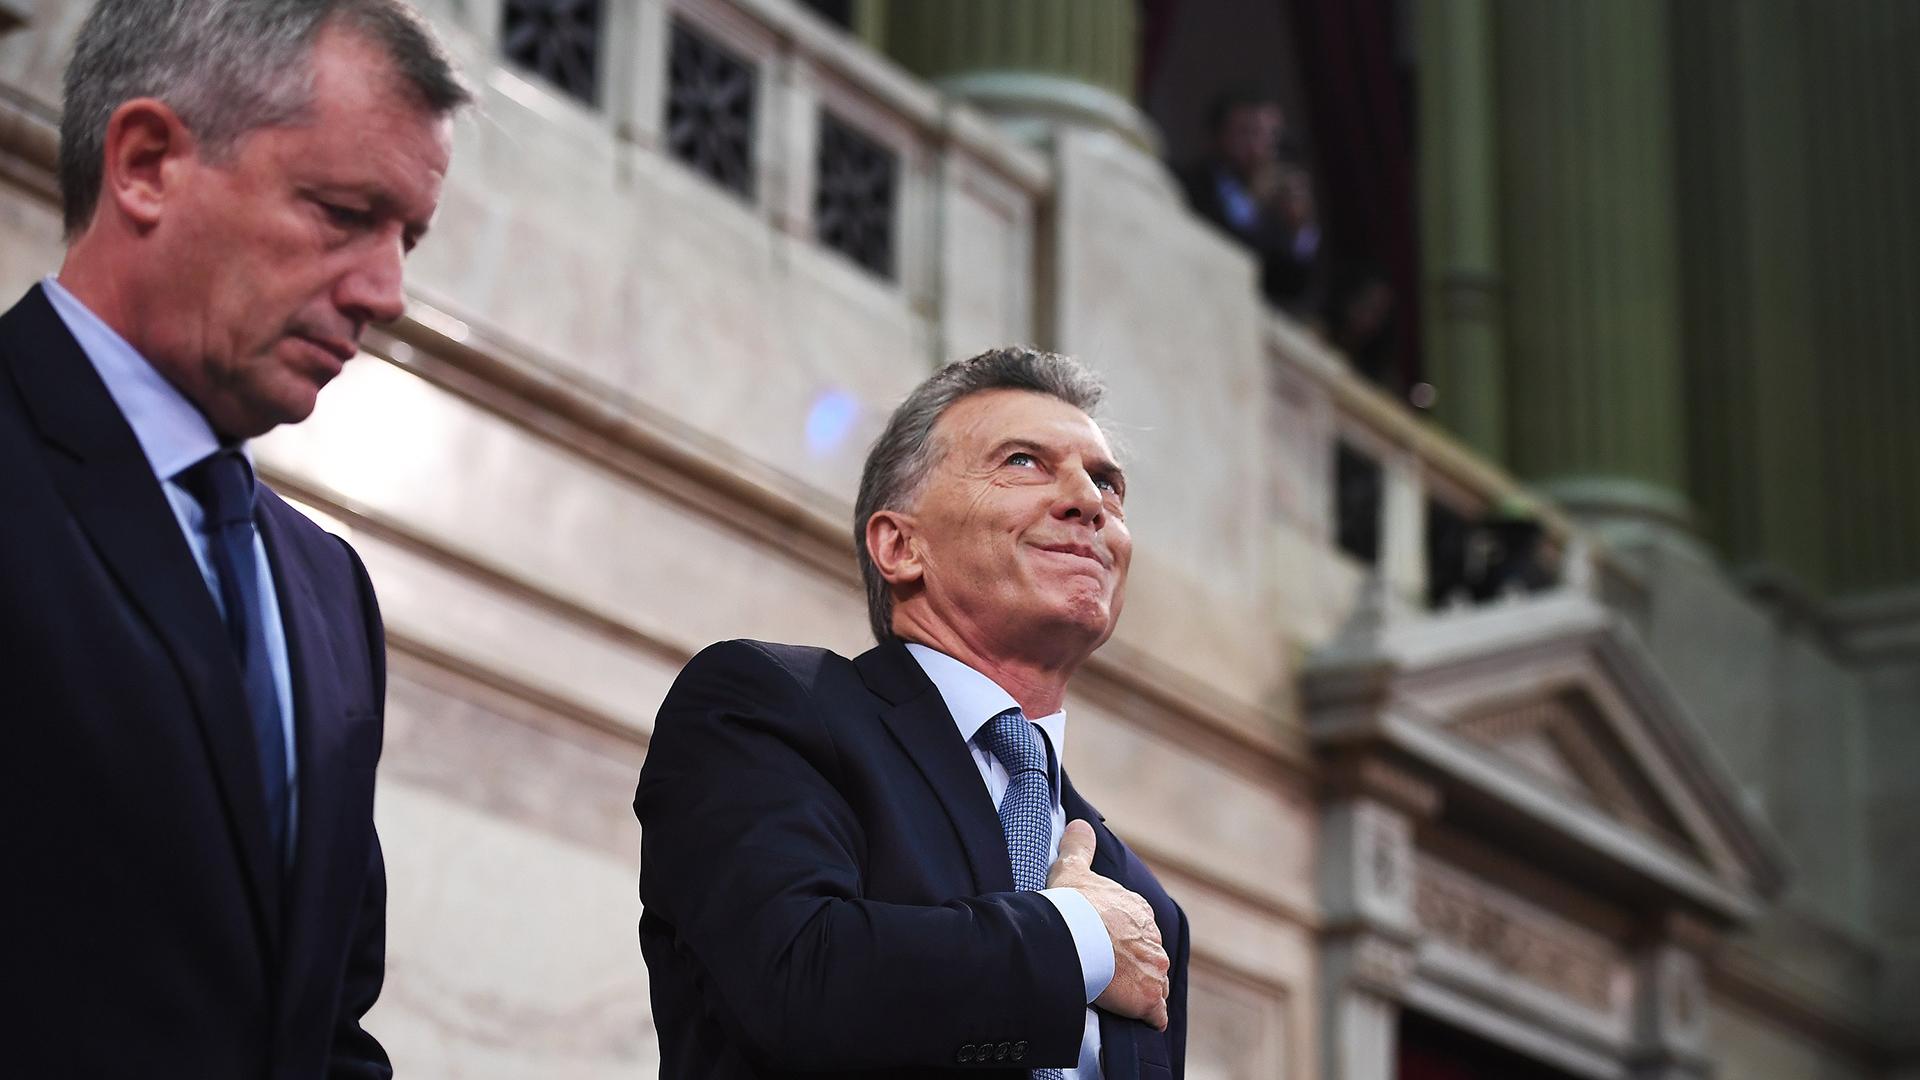 Macri saluda a los palcos, el presidente de la Cámara de Diputados, Emilizo Monzó, a su derecha